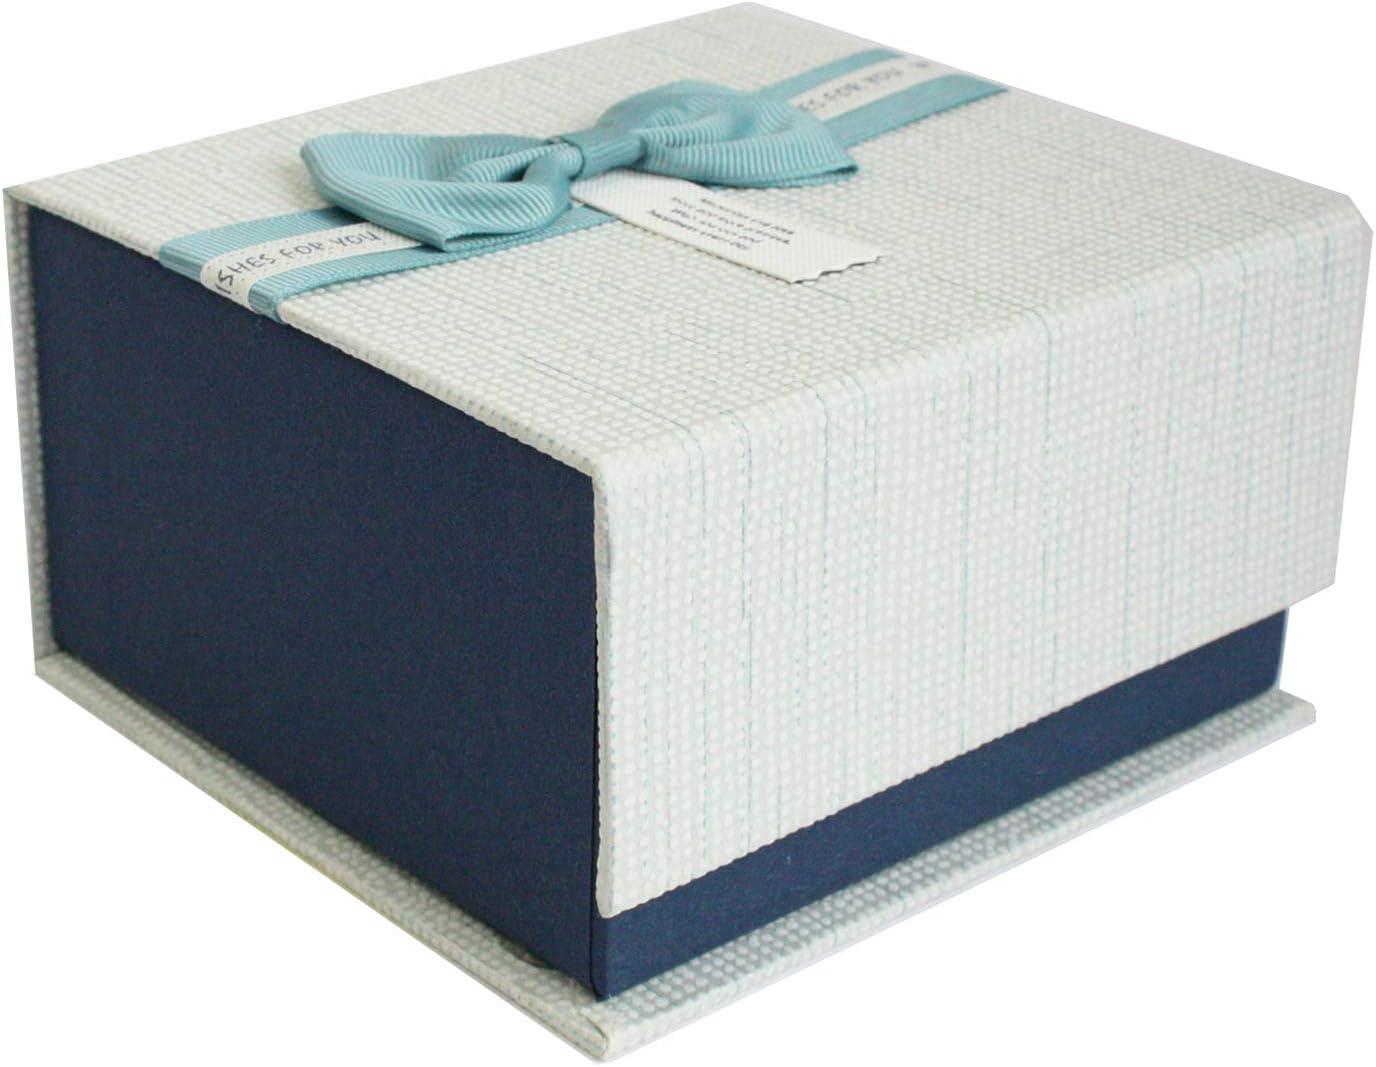 Emartbuy Lujo Rígido Caja de Regalo de Presentación Magnética Rectangular, Caja Azul Oscuro Con Tapa Texturizada, Arco de La Cinta y Interior Marrón Chocolate: Amazon.es: Oficina y papelería